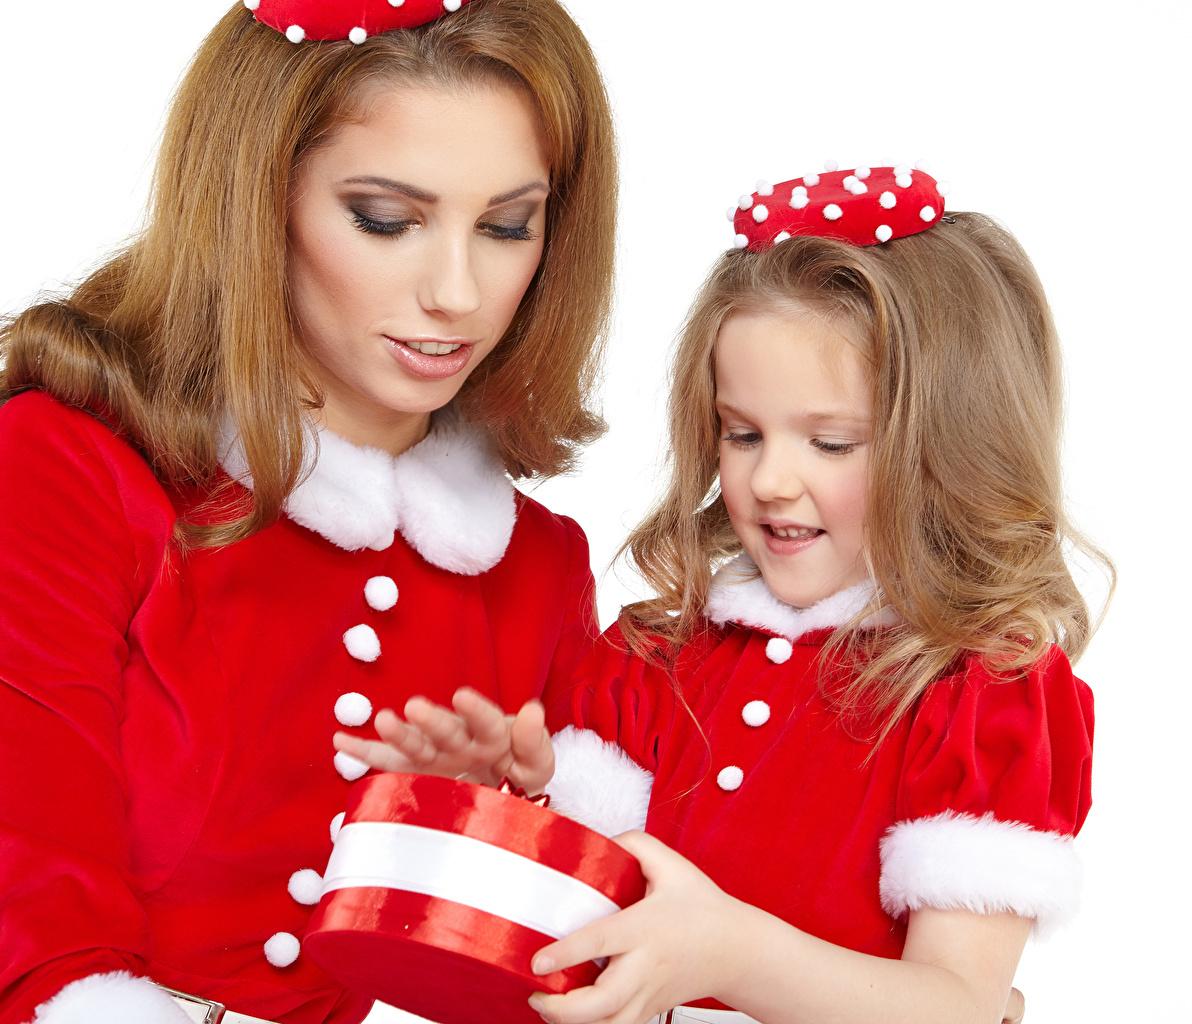 Картинки Девочки Шатенка Новый год Мама Ребёнок вдвоем Девушки Подарки Белый фон Рождество Мать Дети 2 Двое